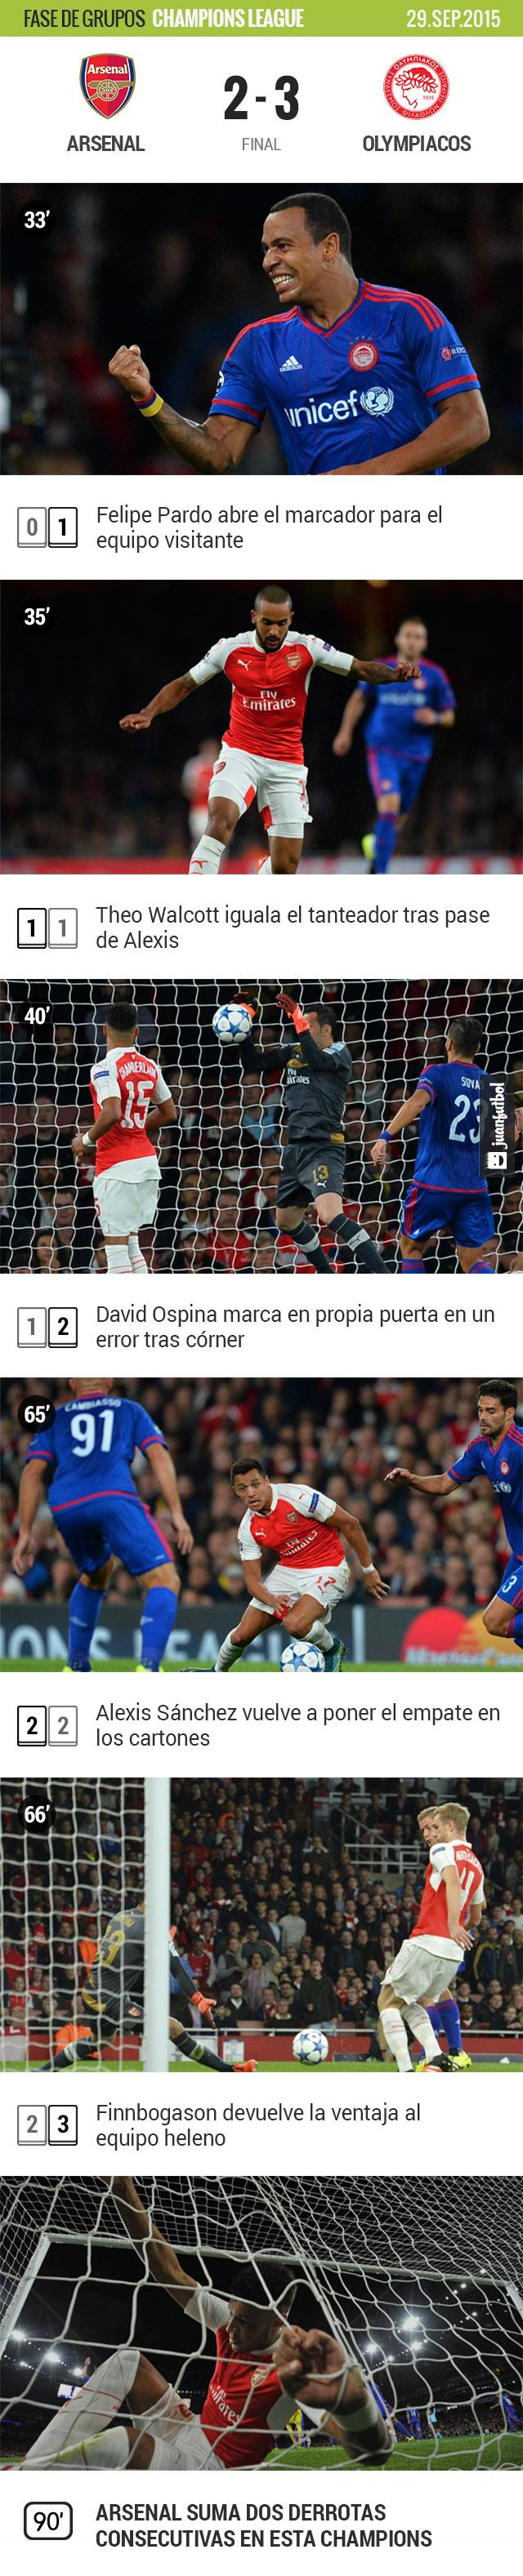 Olympiacos sorprendió al Arsenal en Londres